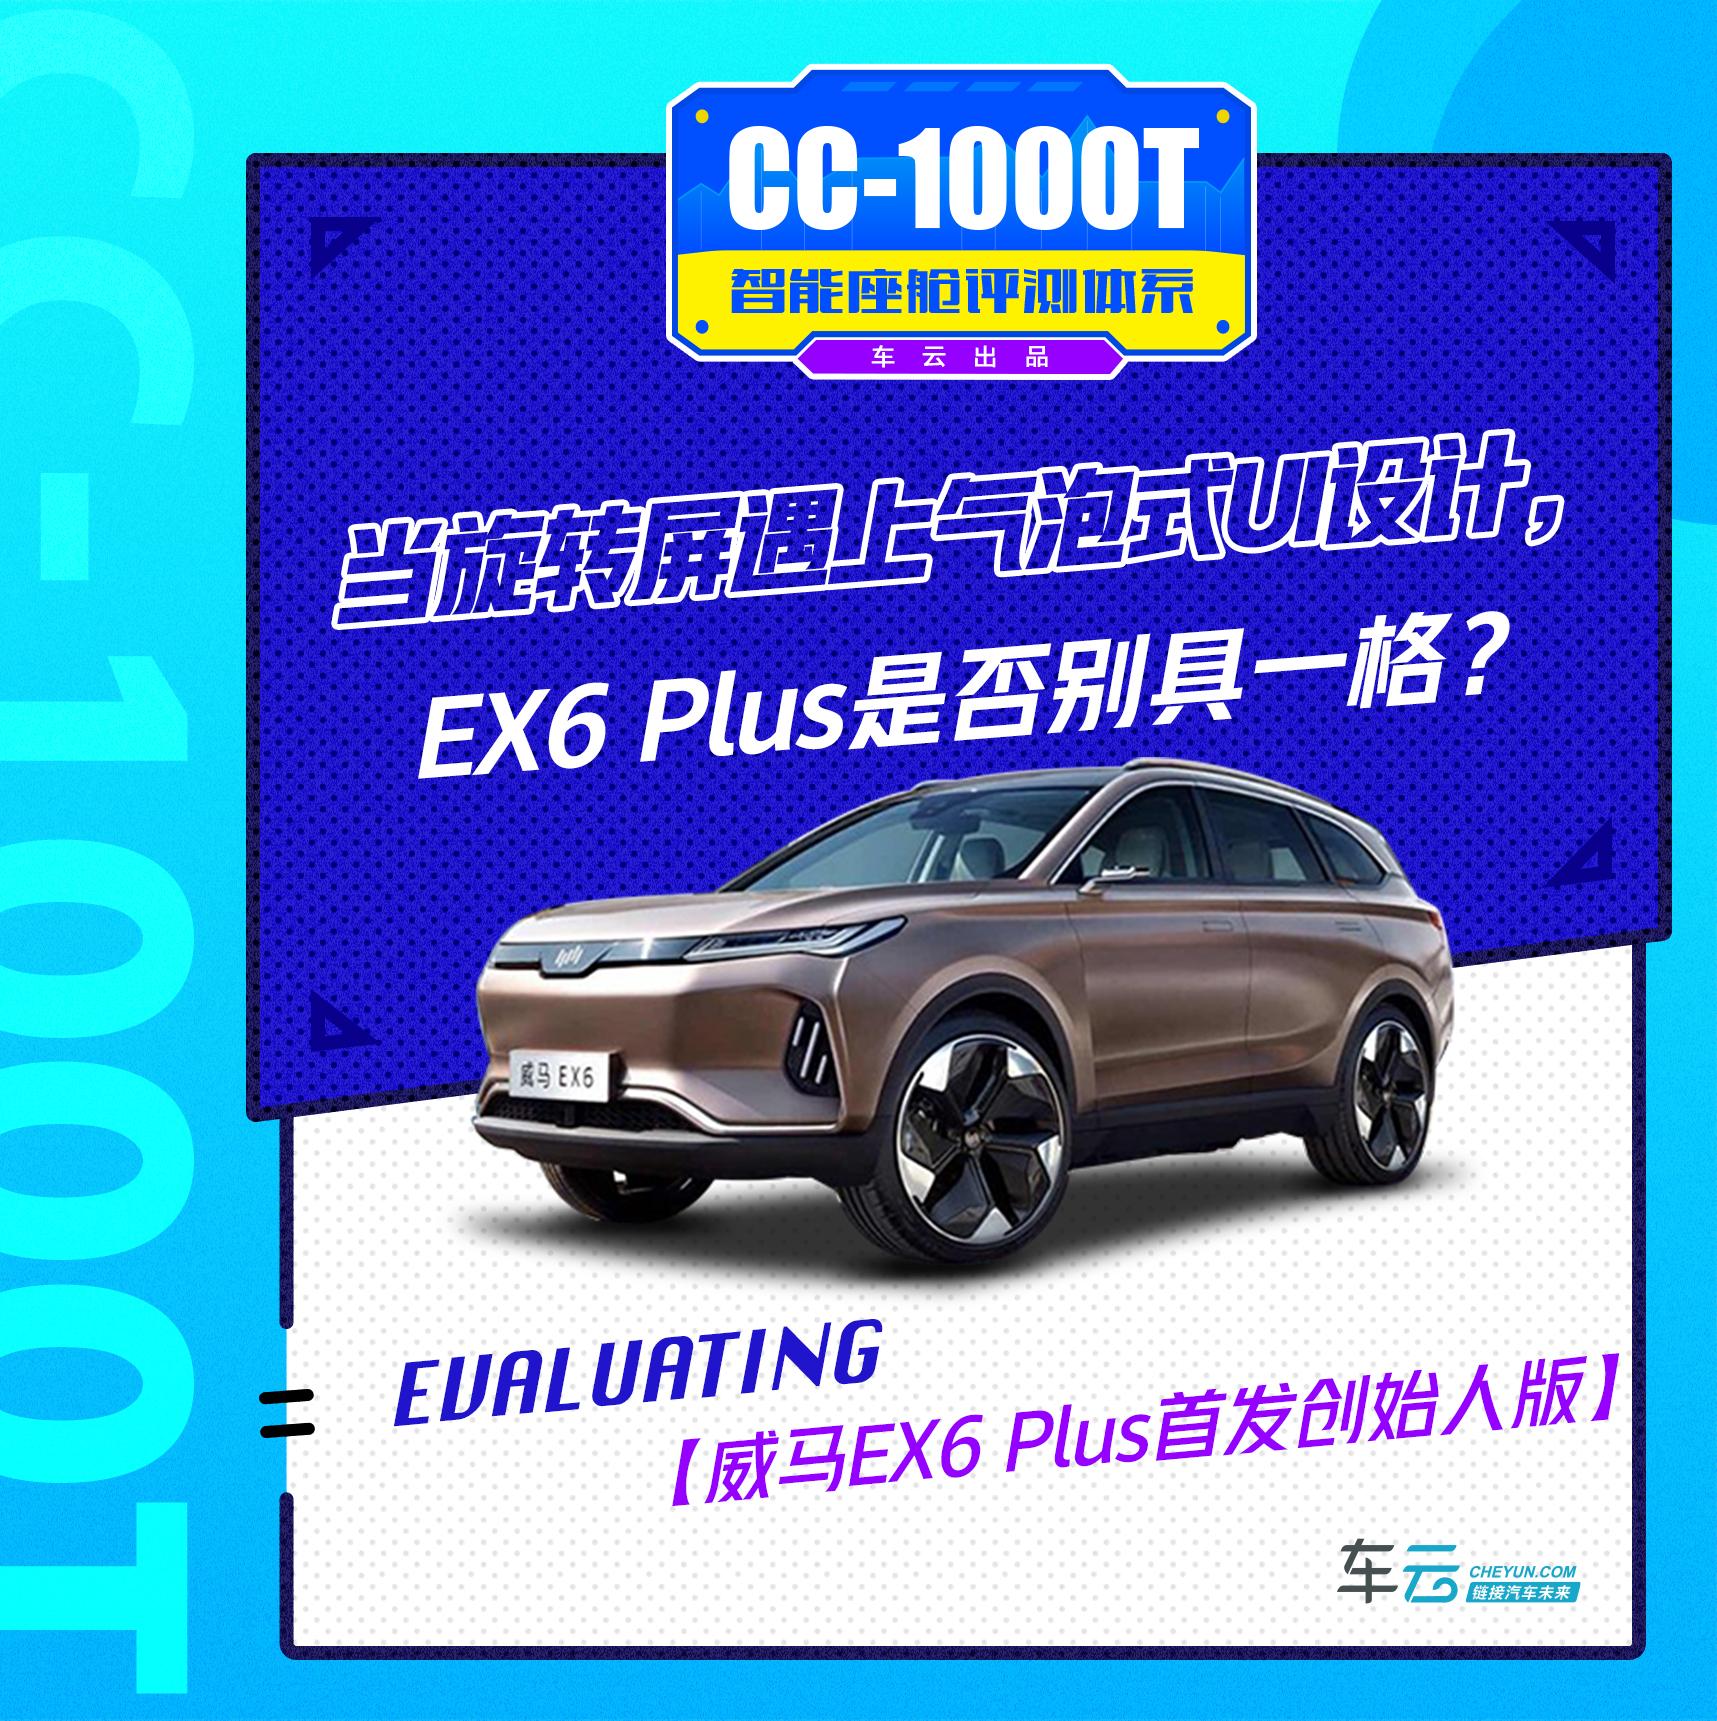 当旋转屏遇上气泡式UI设计,碰撞出的EX6 Plus是否别具一格?丨CC-1000T智能座舱评测